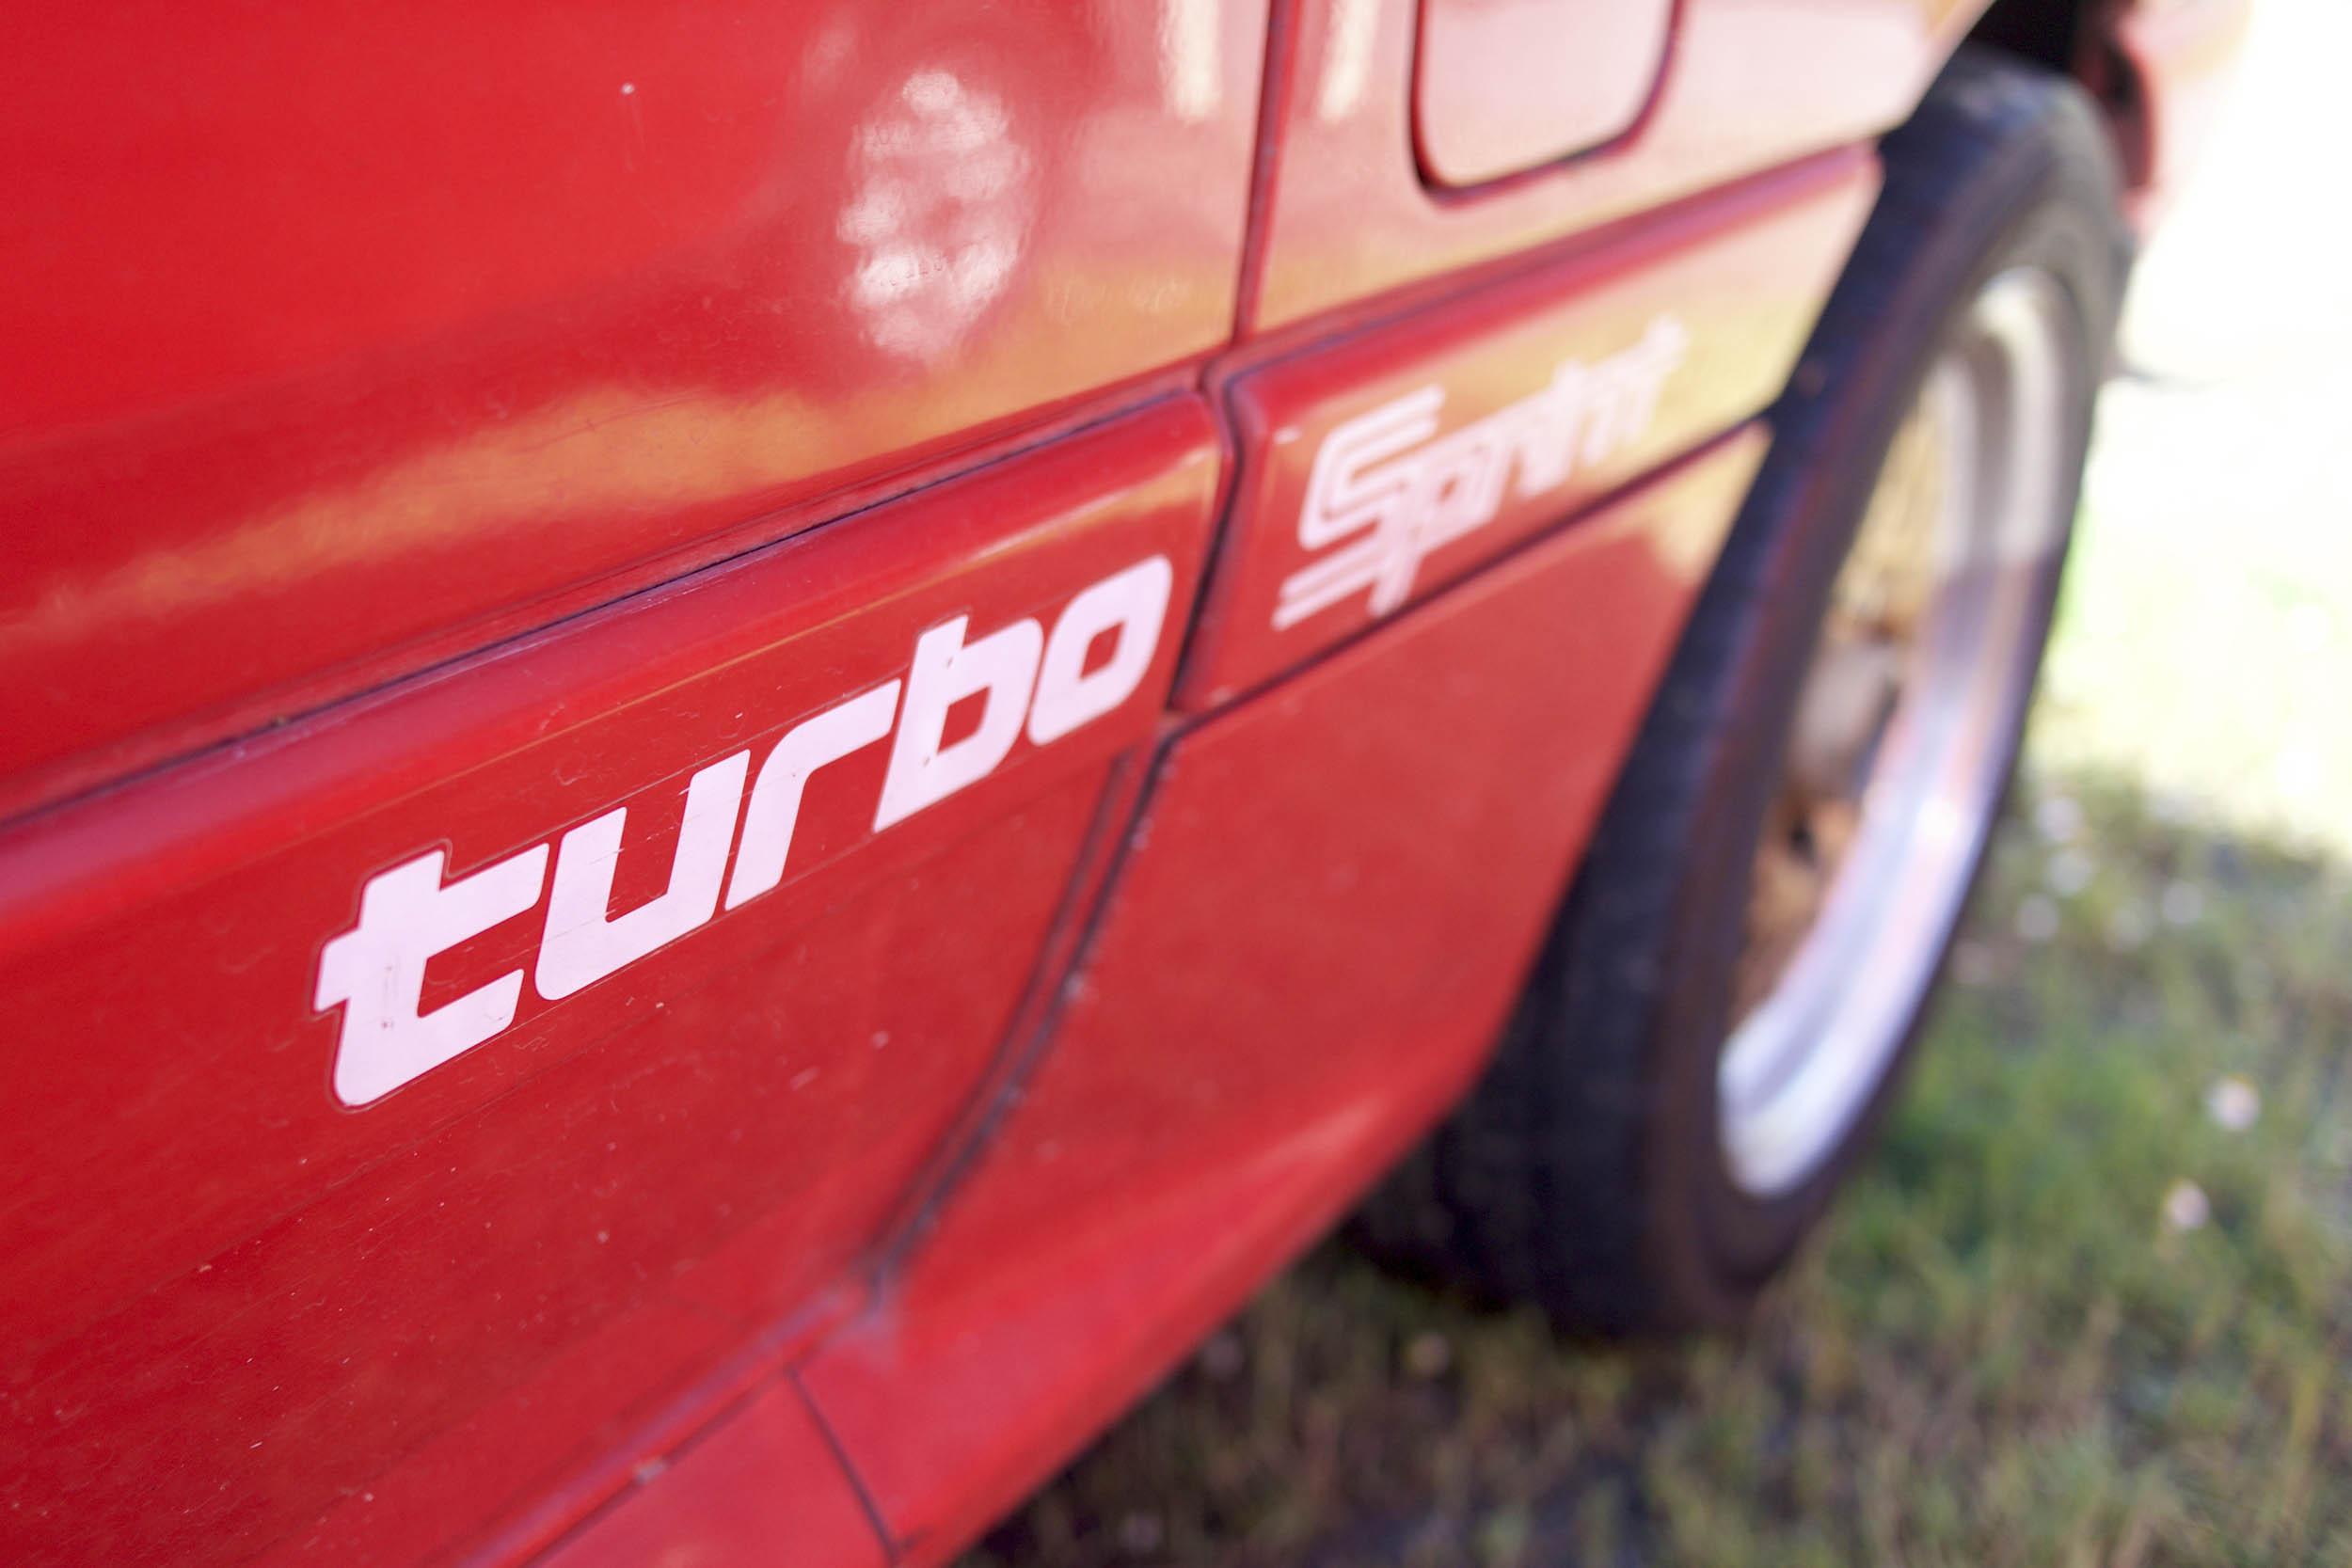 Radwood turbo sport